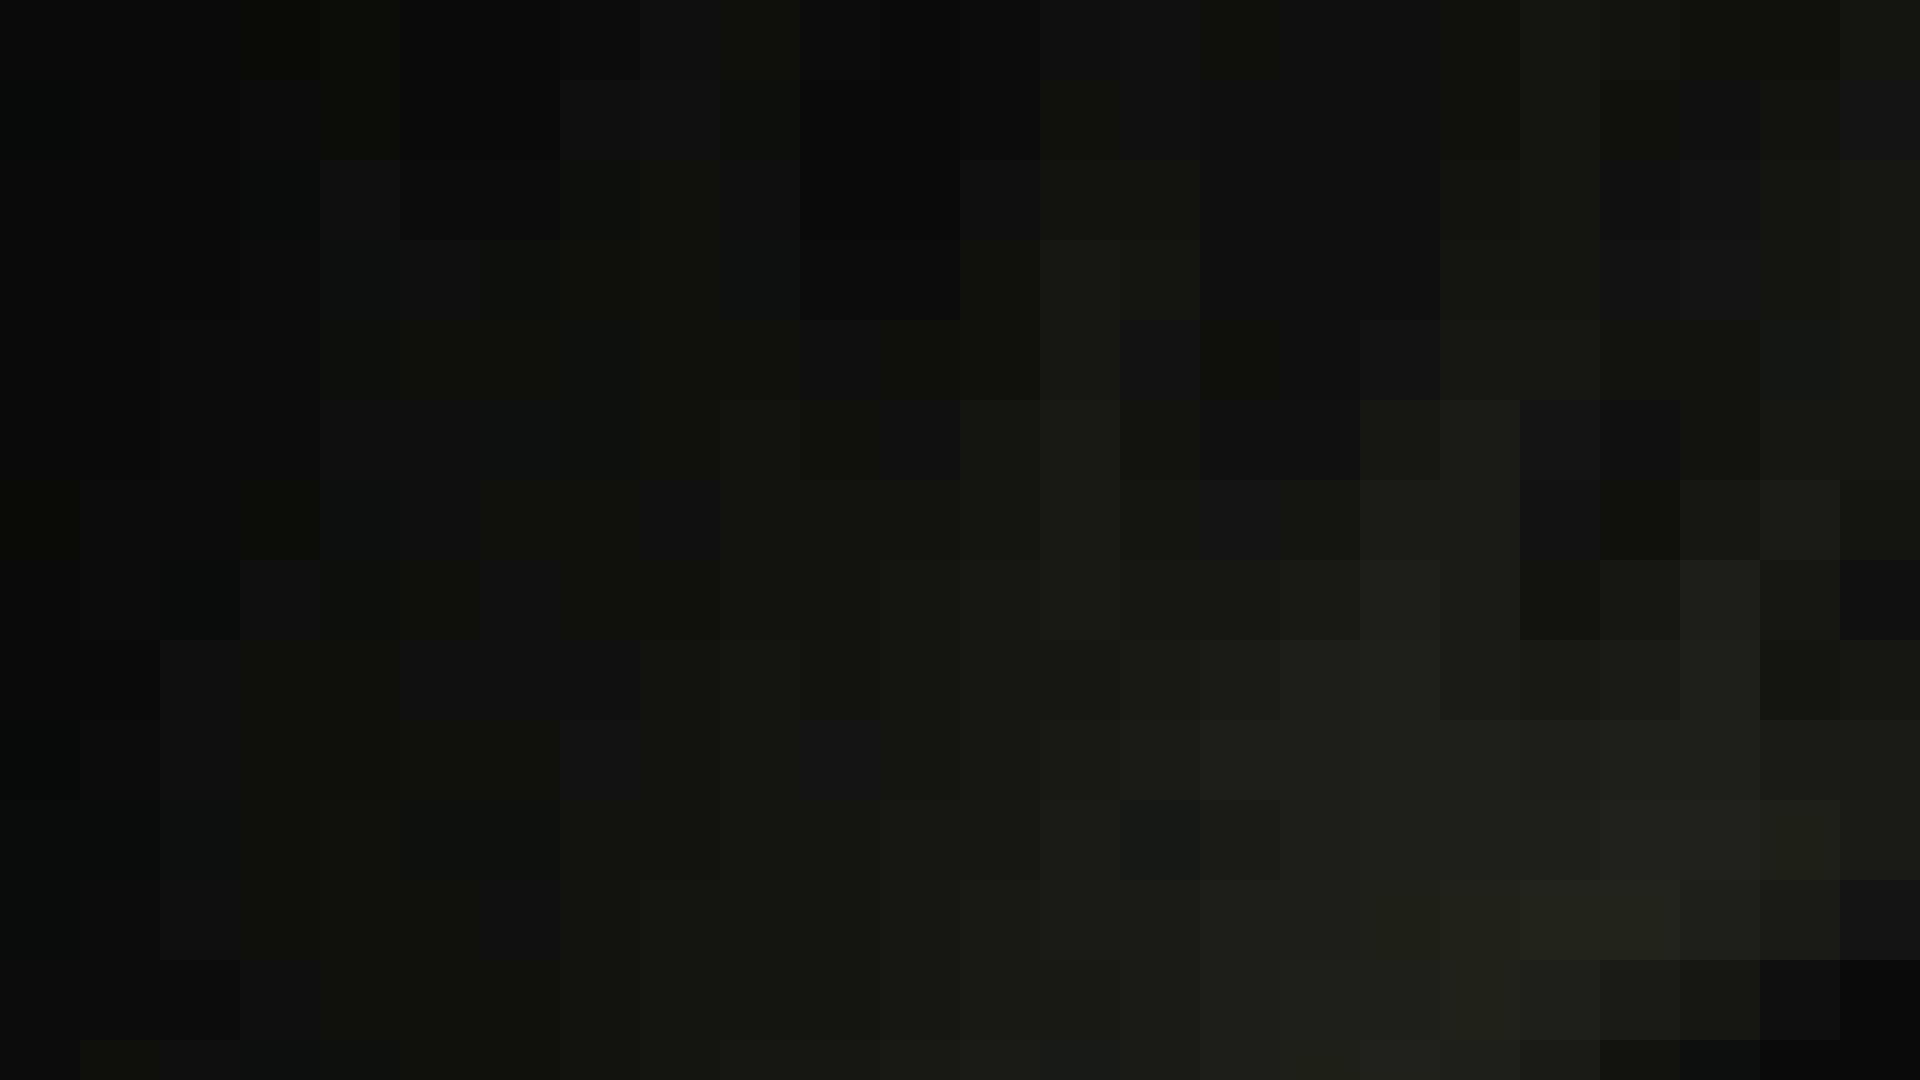 阿国ちゃんの「和式洋式七変化」No.18 iBO(フタコブ) 和式 | 洗面所  99pic 83